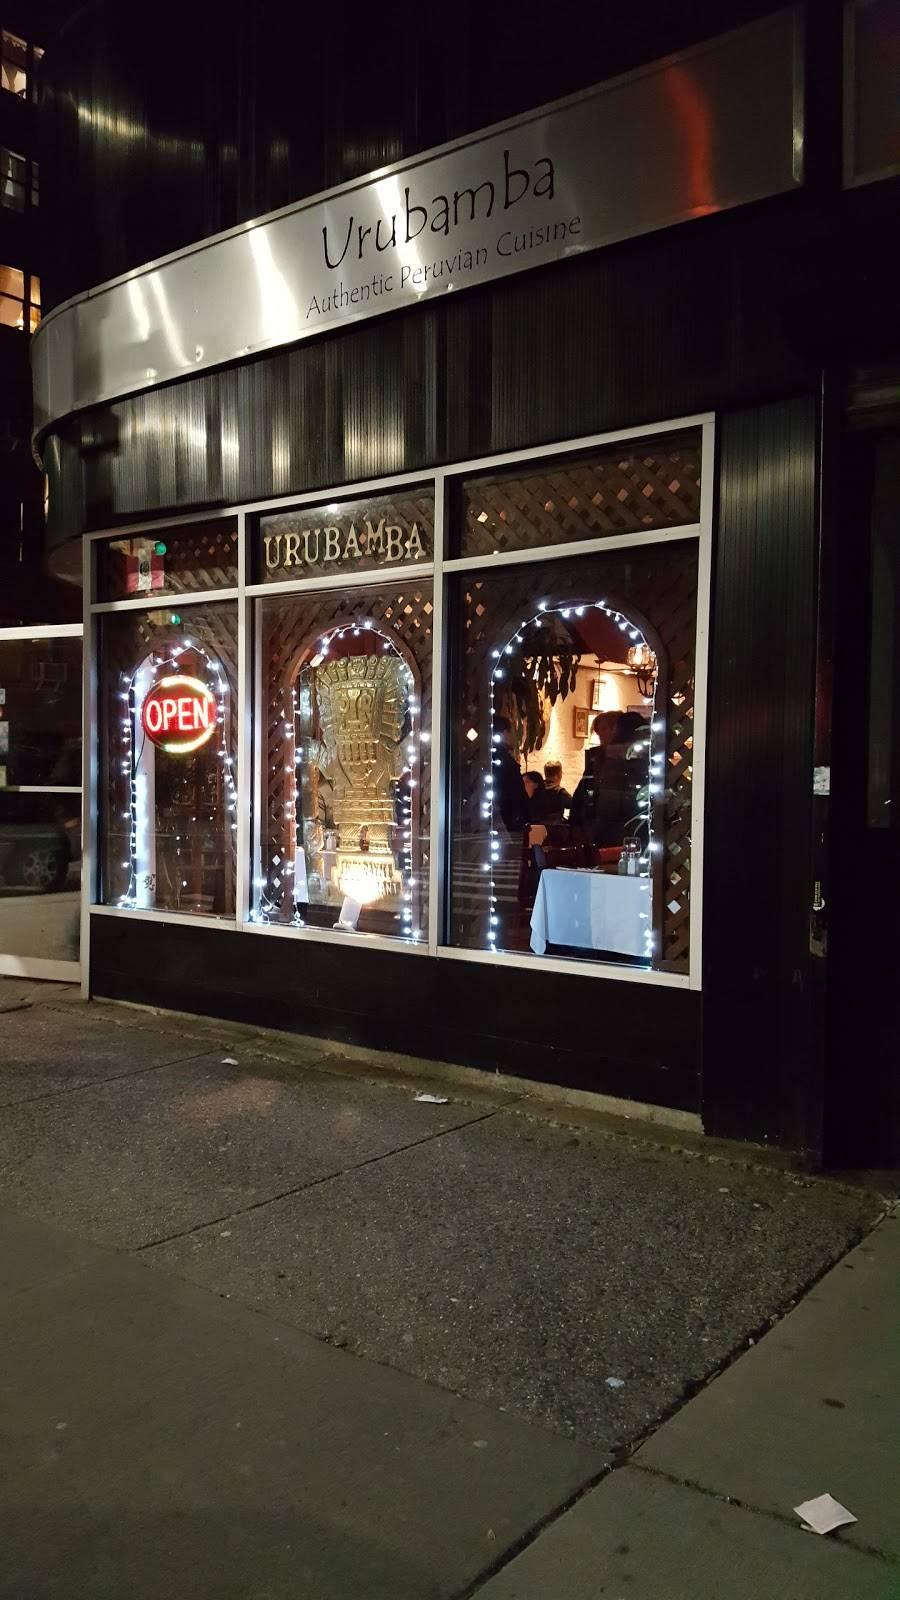 Urubamba | restaurant | 86-20 37th Ave, Jackson Heights, NY 11372, USA | 7186722224 OR +1 718-672-2224